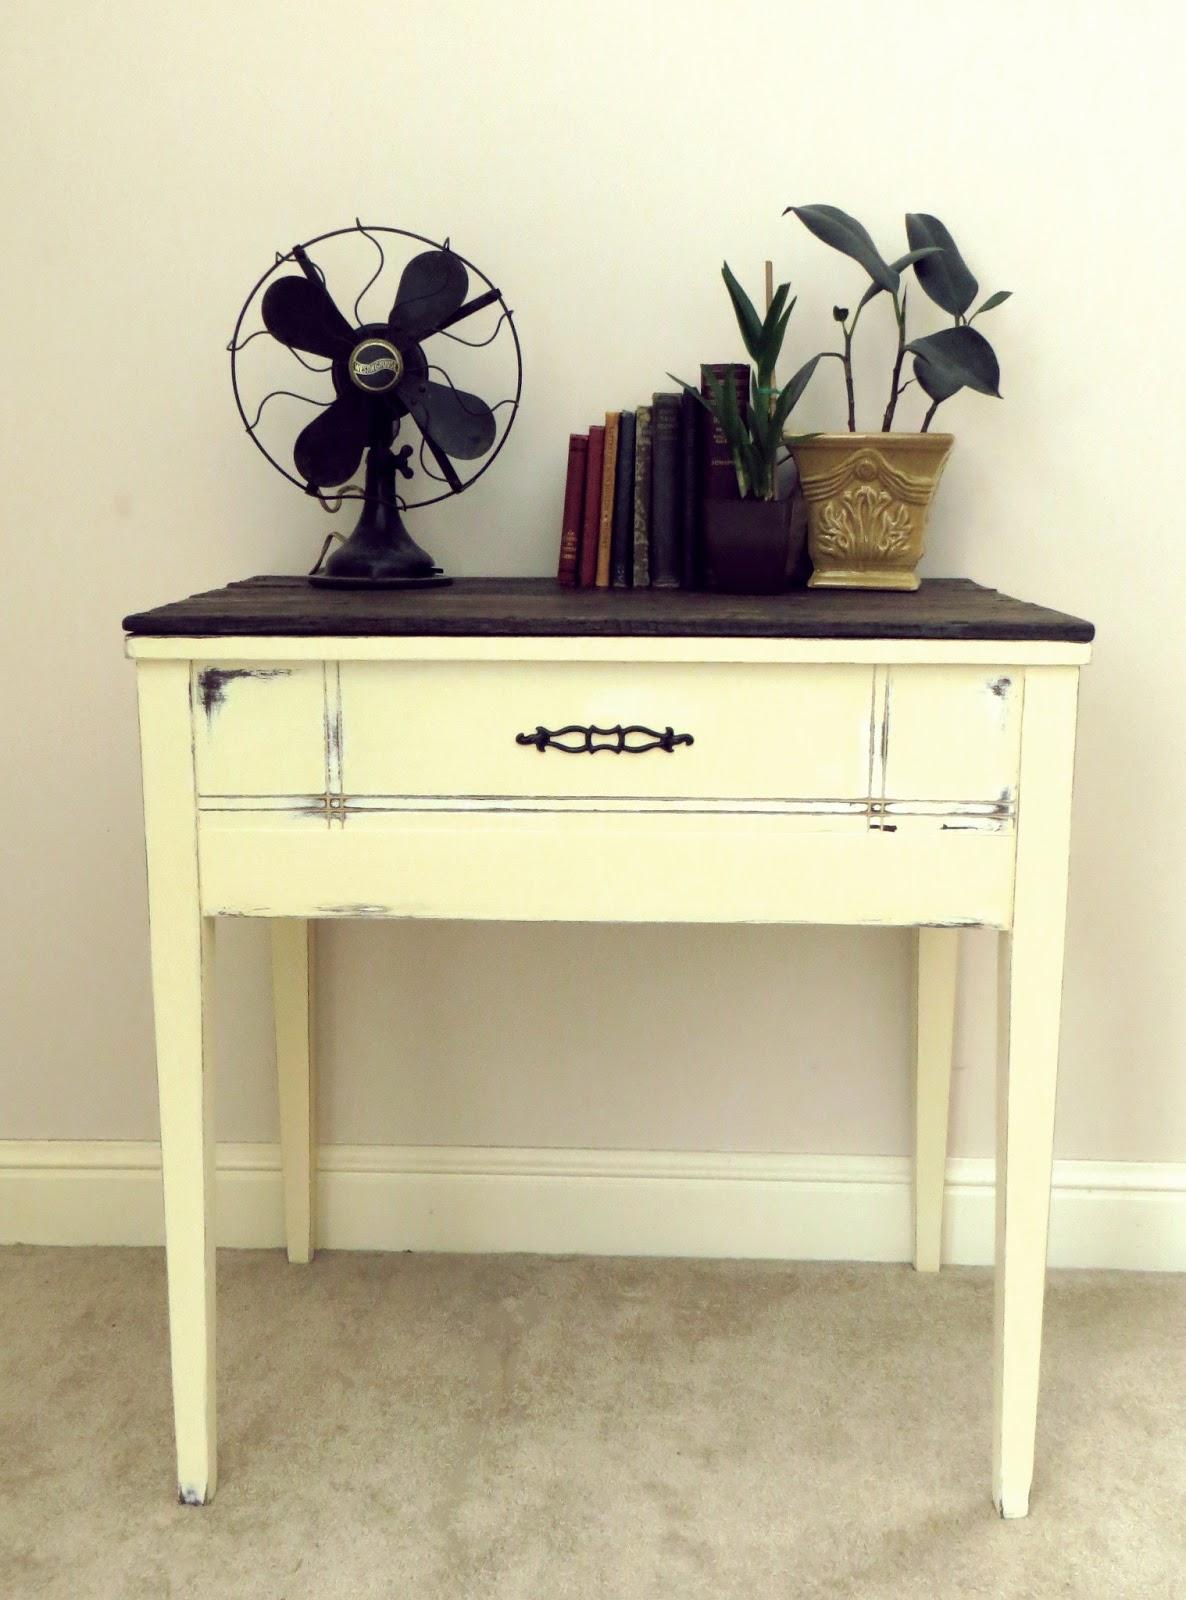 Namely Original Diy Sewing Table Repurpose